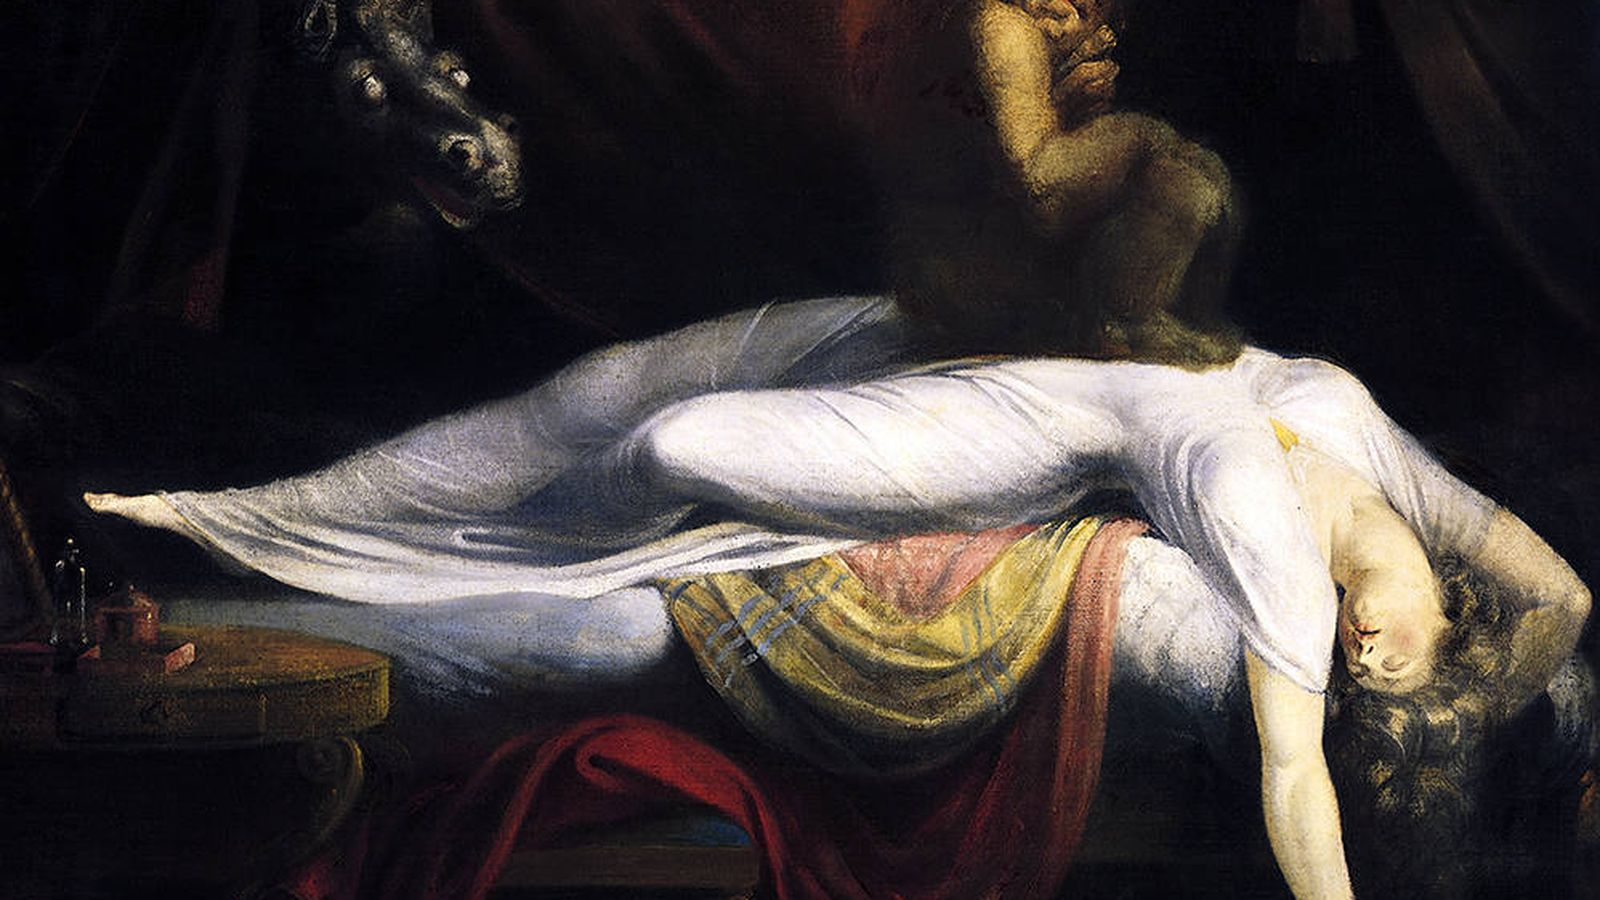 Foto: 'La pesadilla' de Henry Fuseli, 1781.